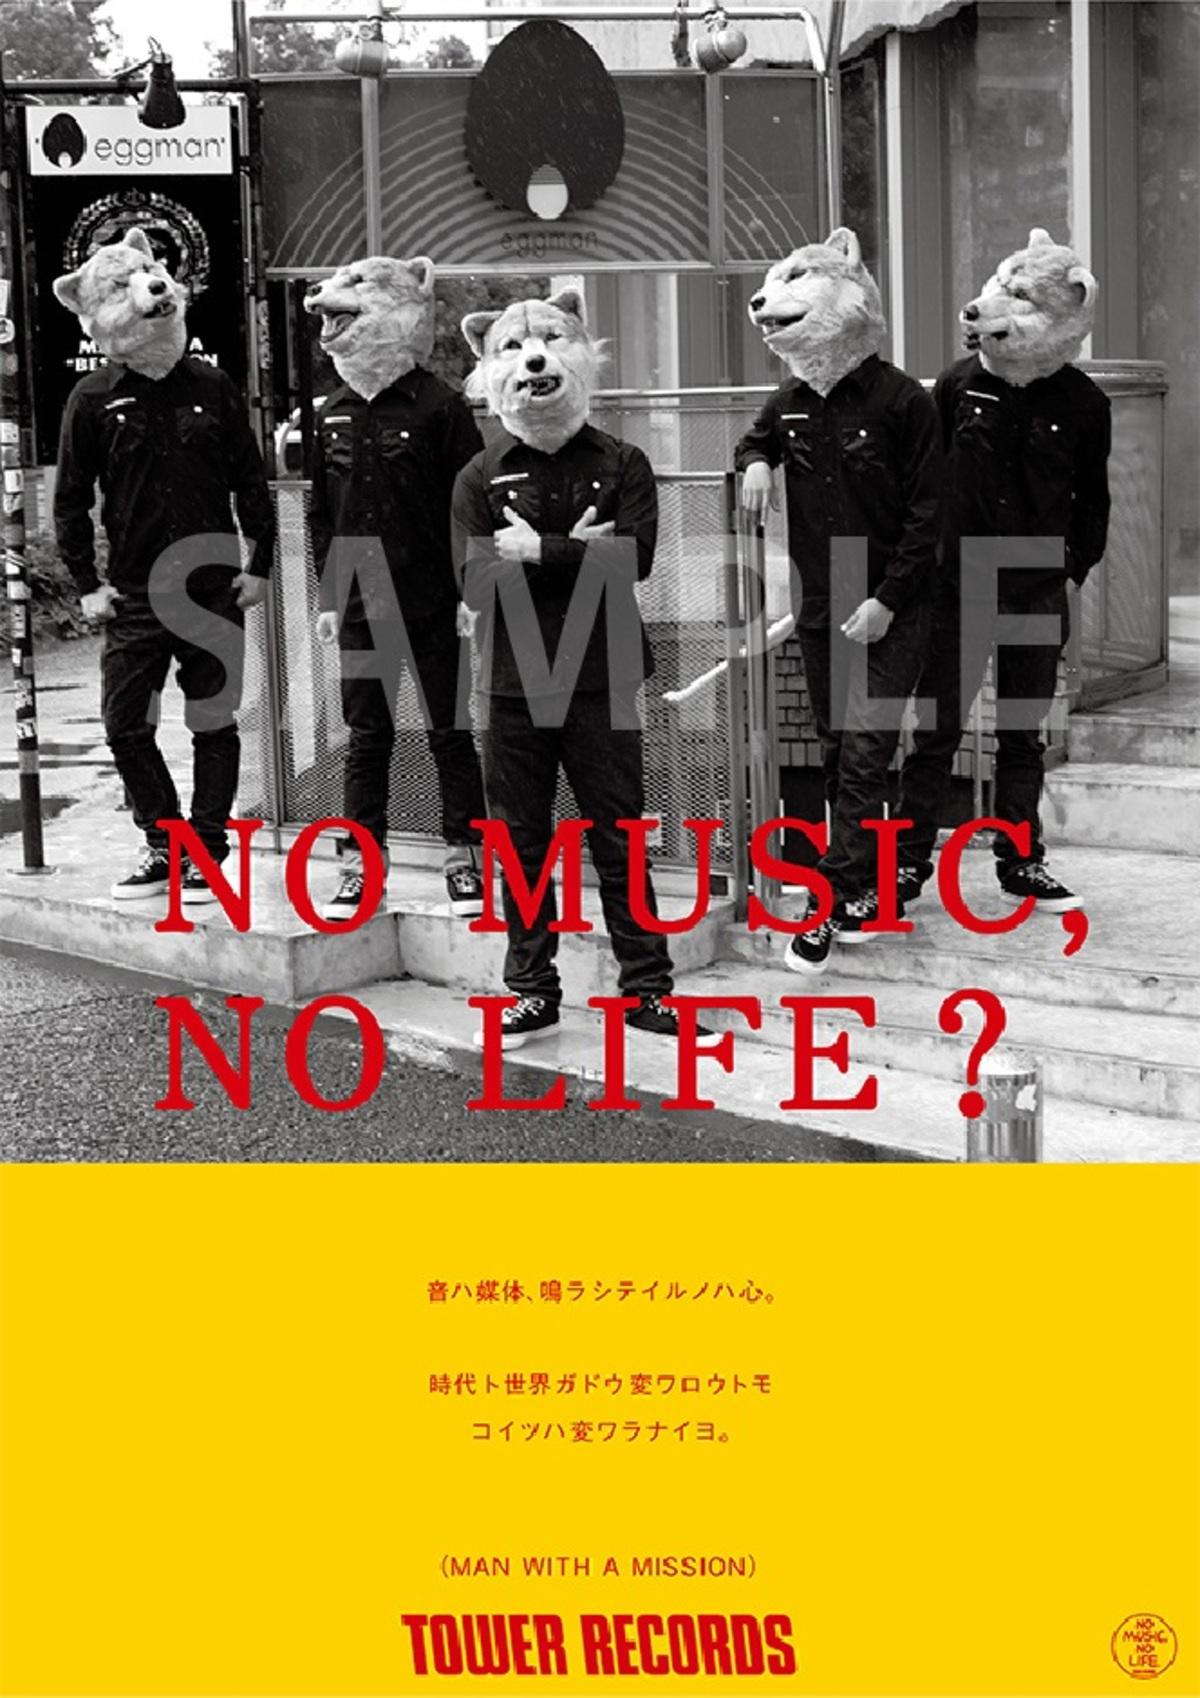 結成10周年のman With A Mission タワレコ No Music No Life ポスターに登場 渋谷店でリアル デジタルな展示会を7 14から開催 激ロック ニュース